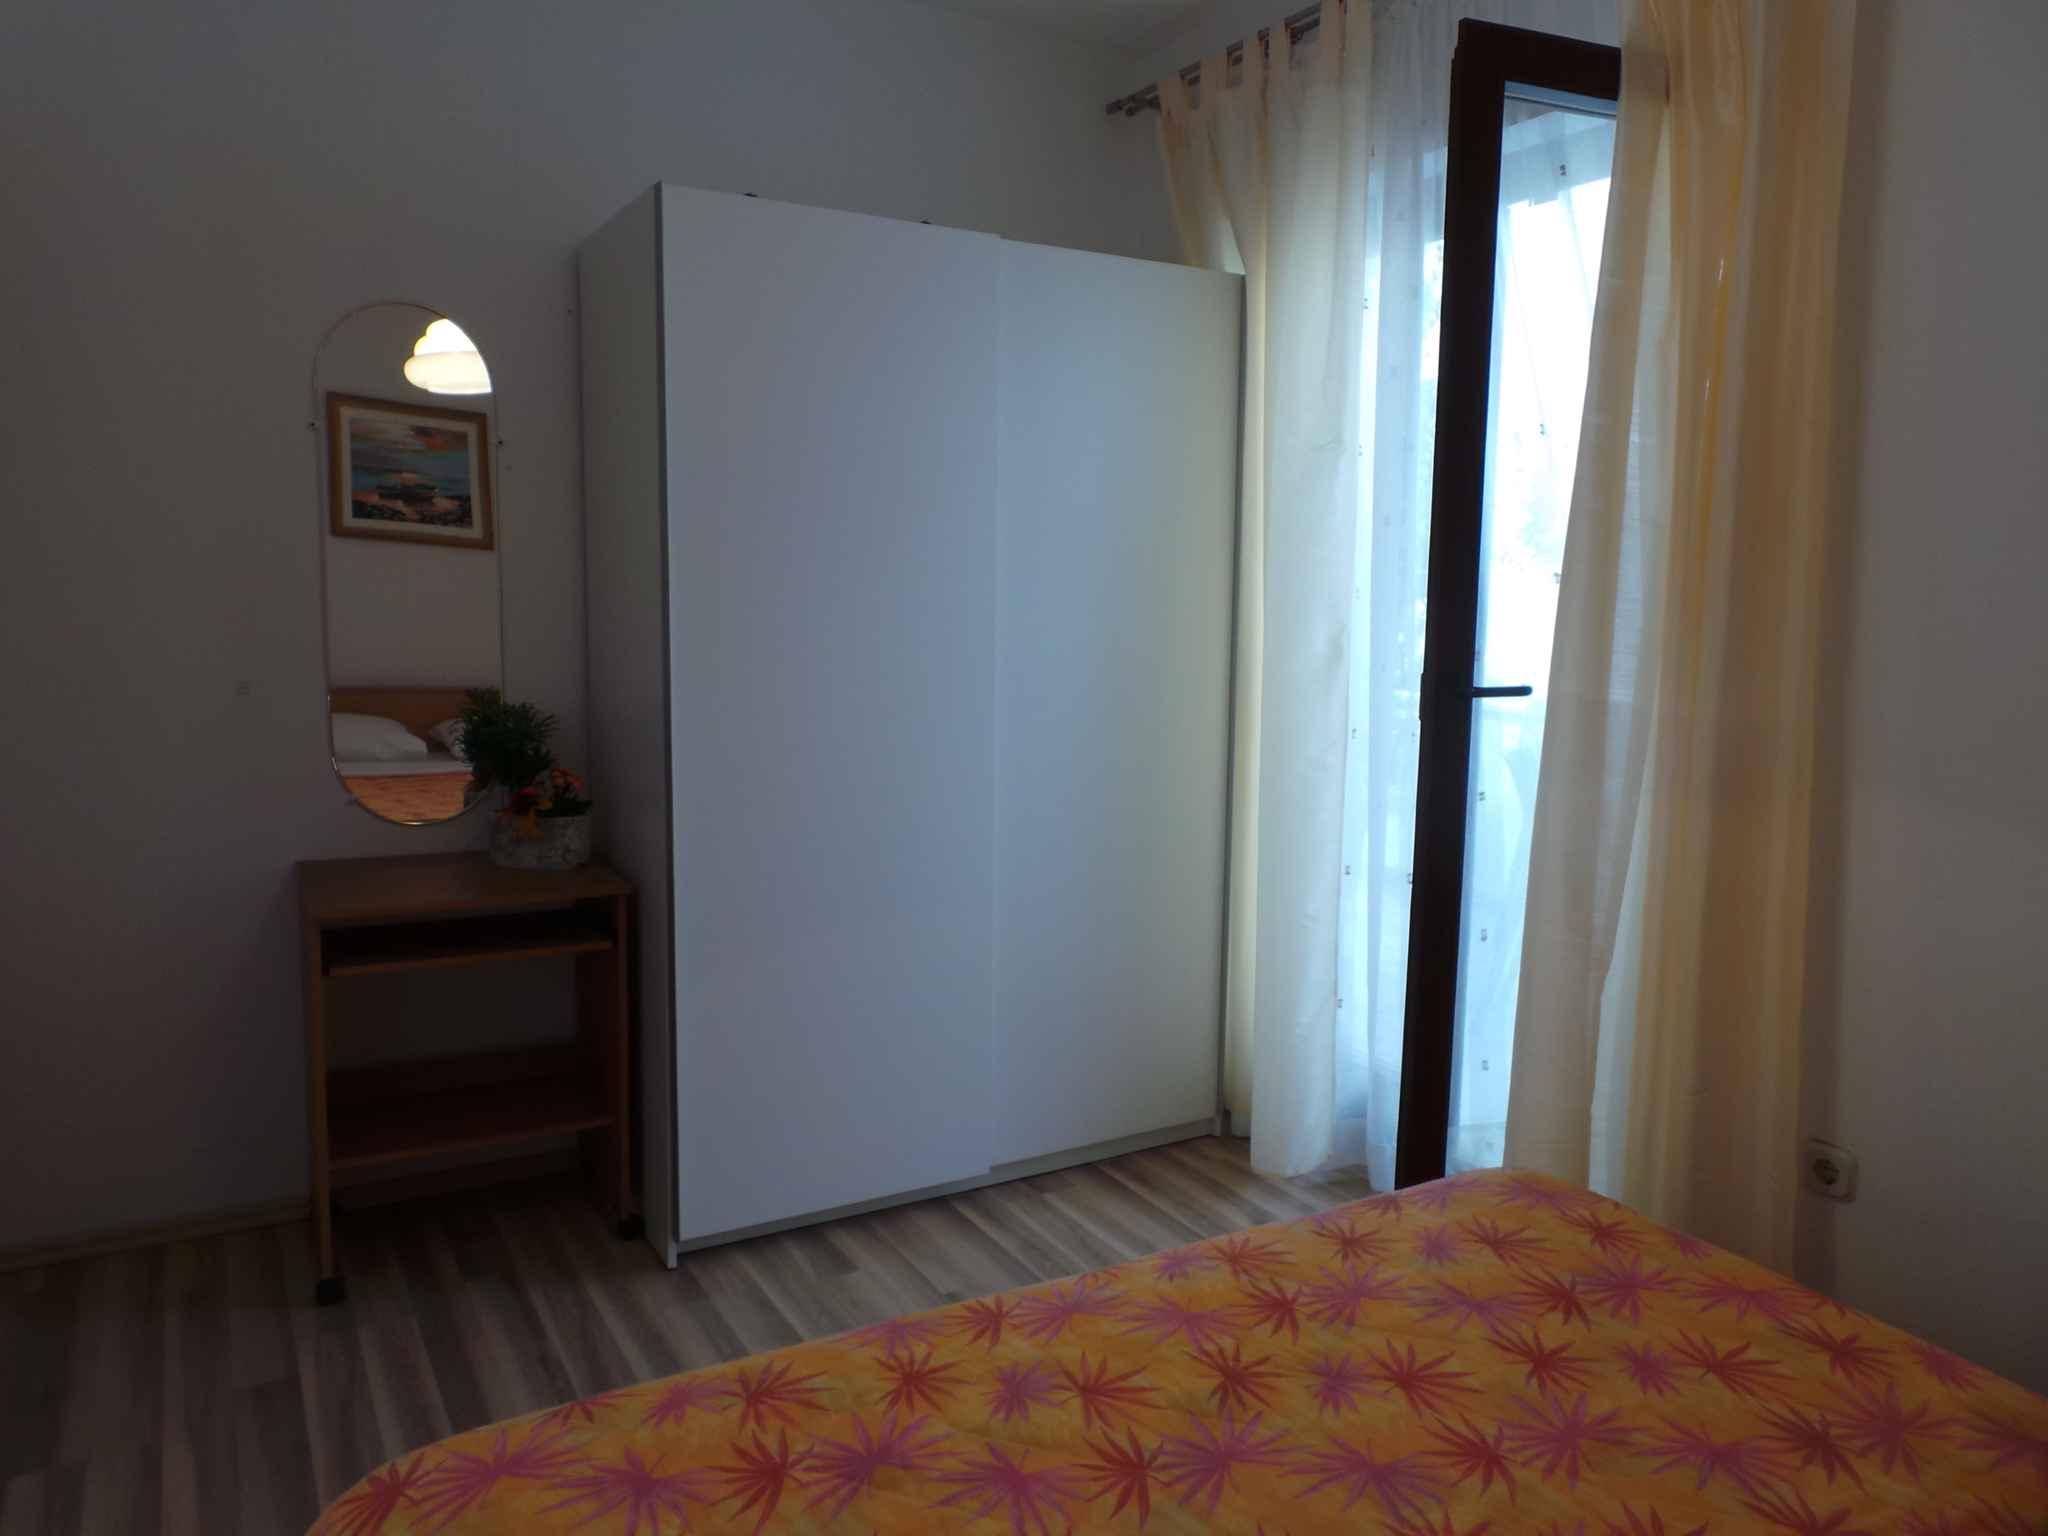 Ferienwohnung mit 2 Balkons (280344), Porec, , Istrien, Kroatien, Bild 16